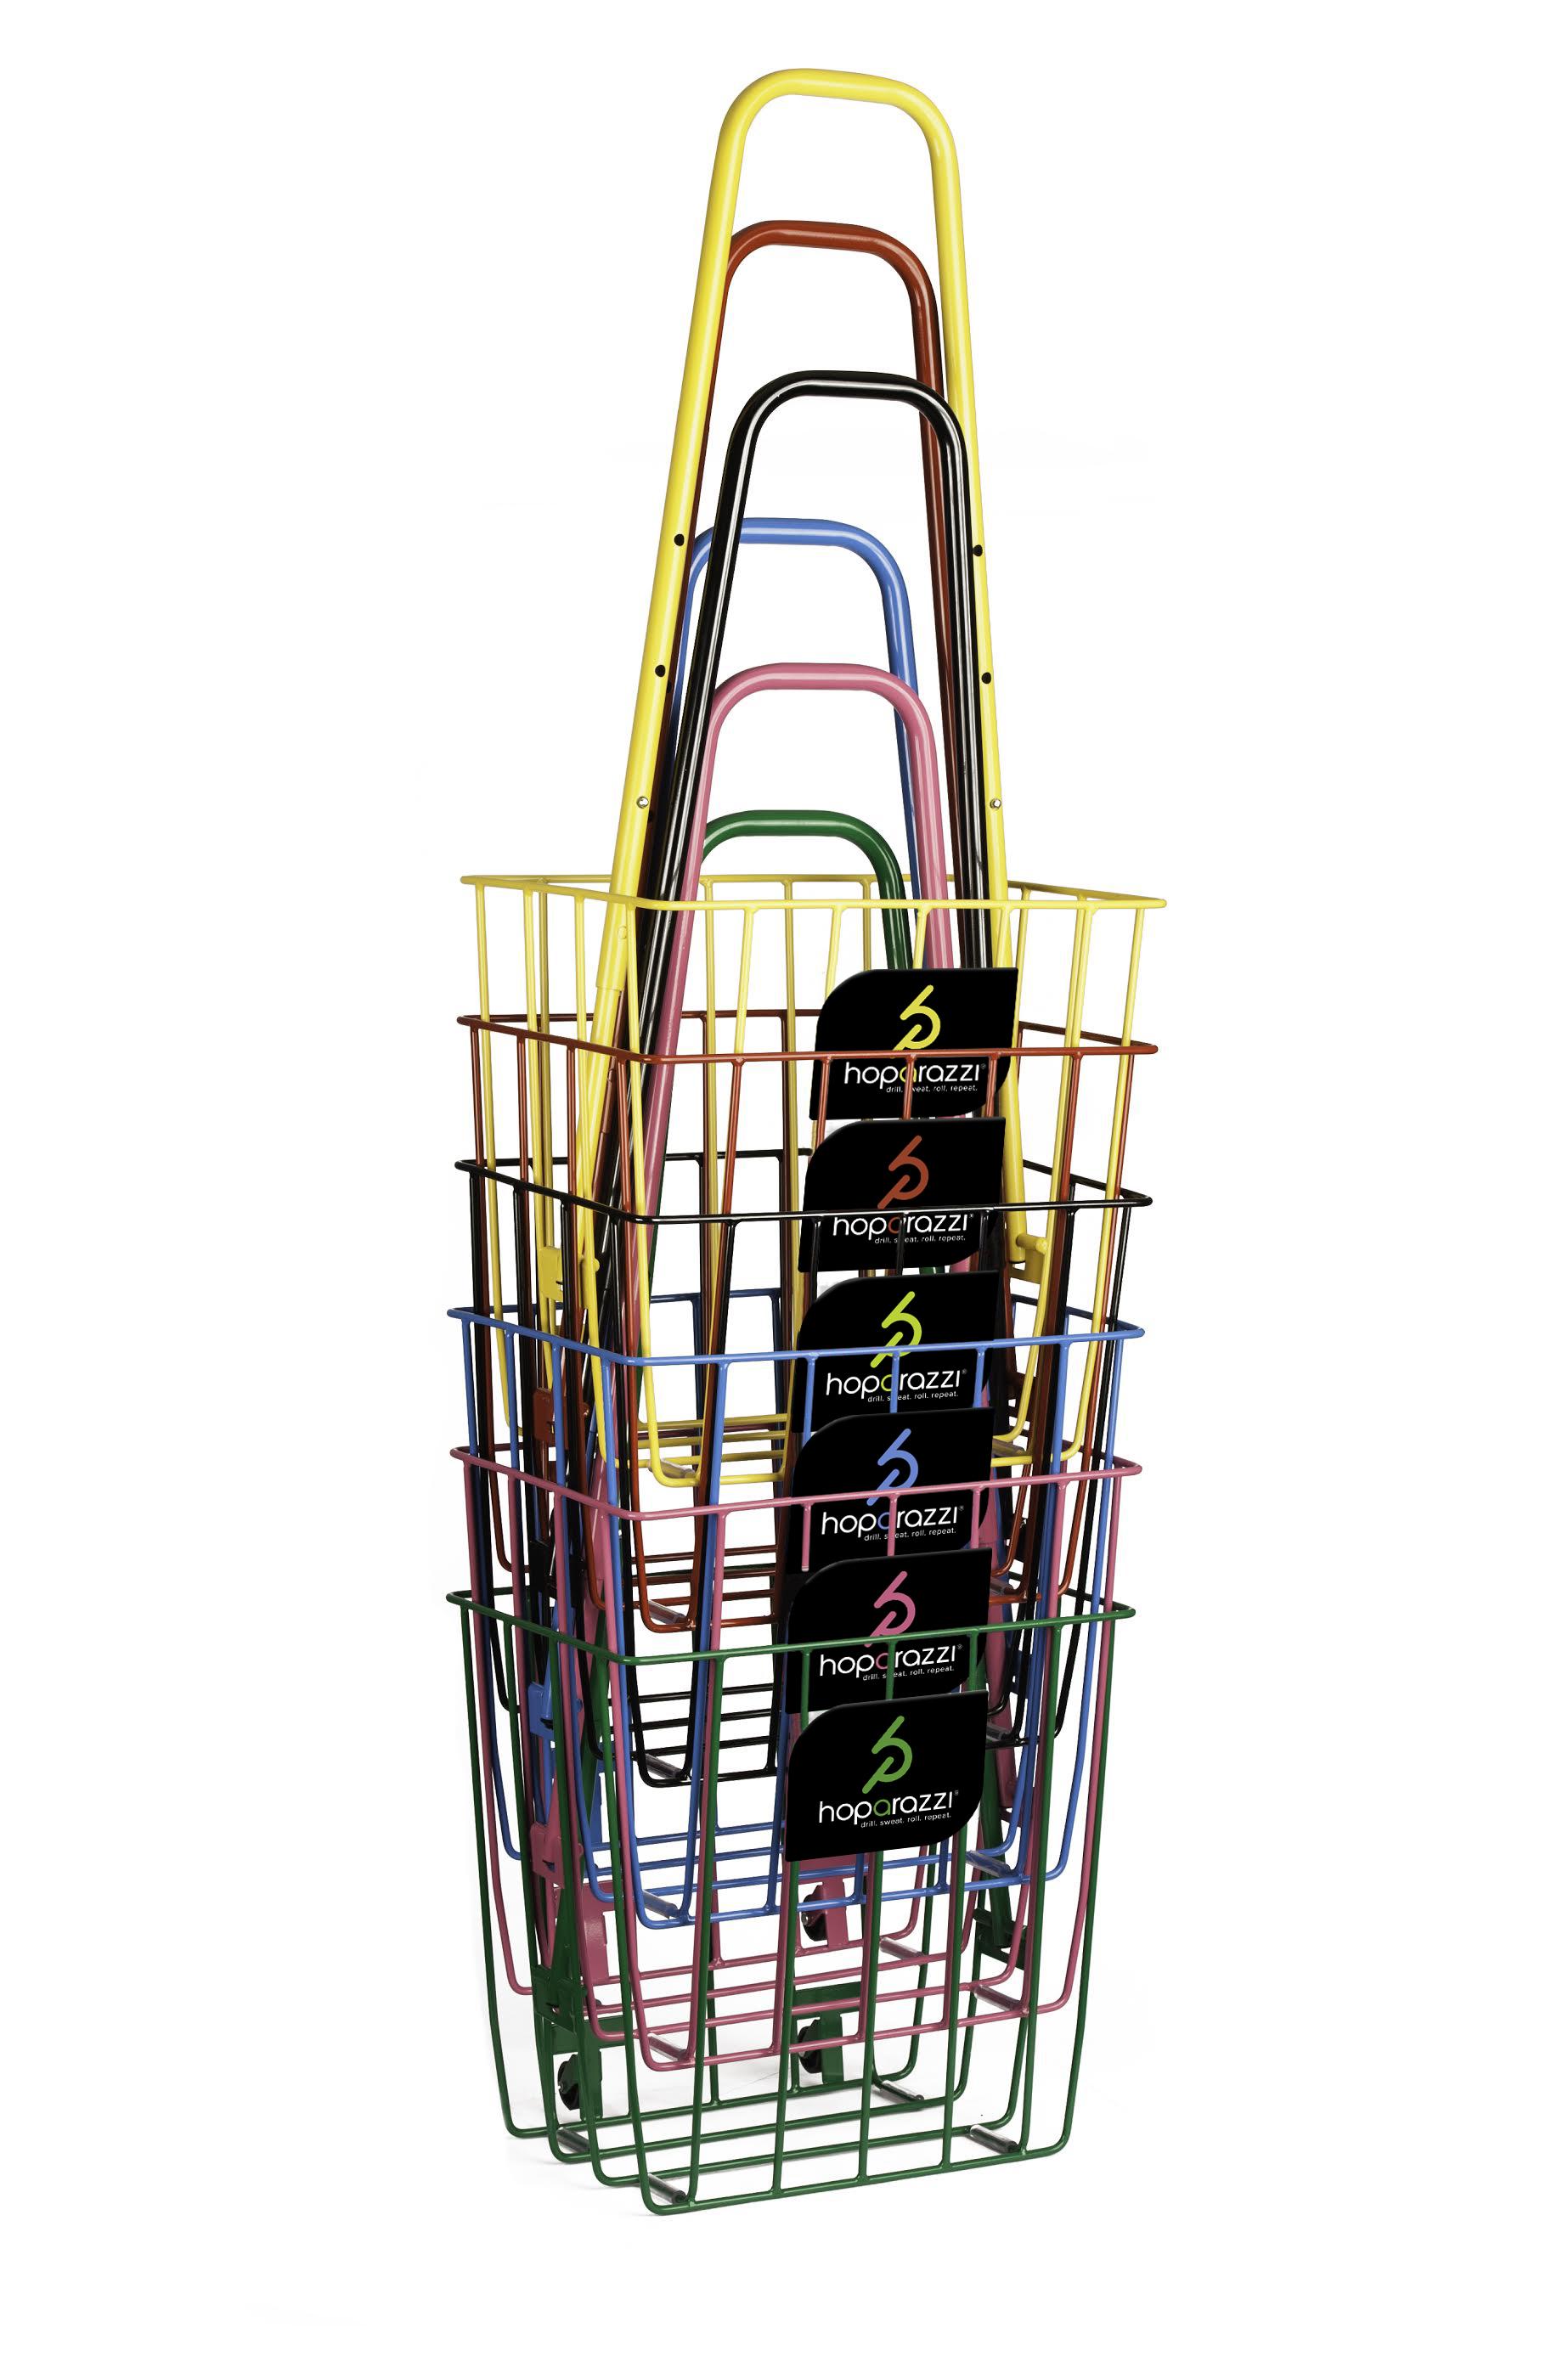 Piece-100 8-32 x 2-1//2 Hard-to-Find Fastener 014973288389 Phillips Flat Machine Screws